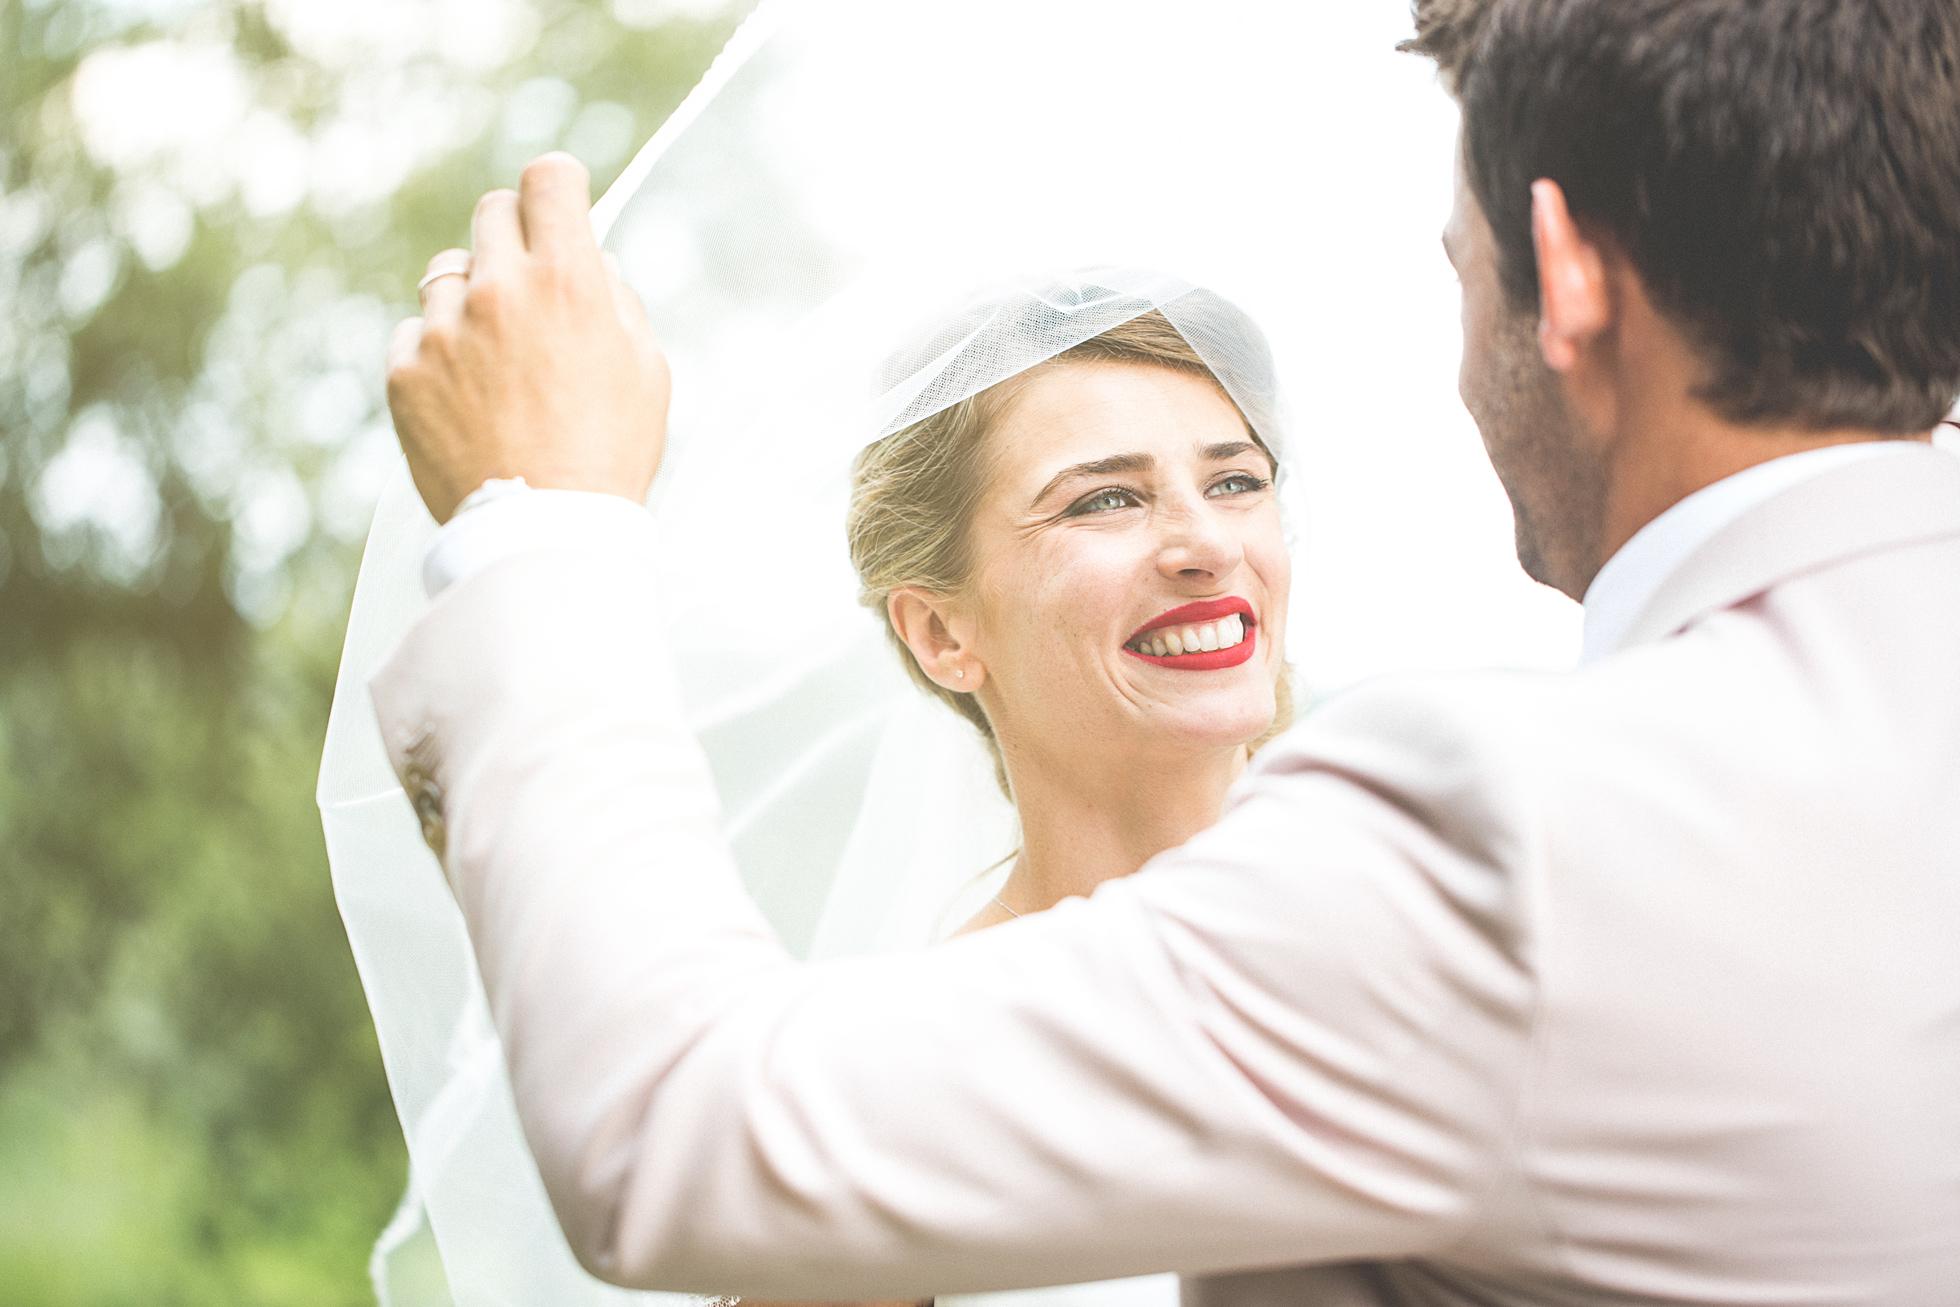 MARIAGE L & G Photographe © Christelle Gilles - Coiffeur © Daniel Chavey